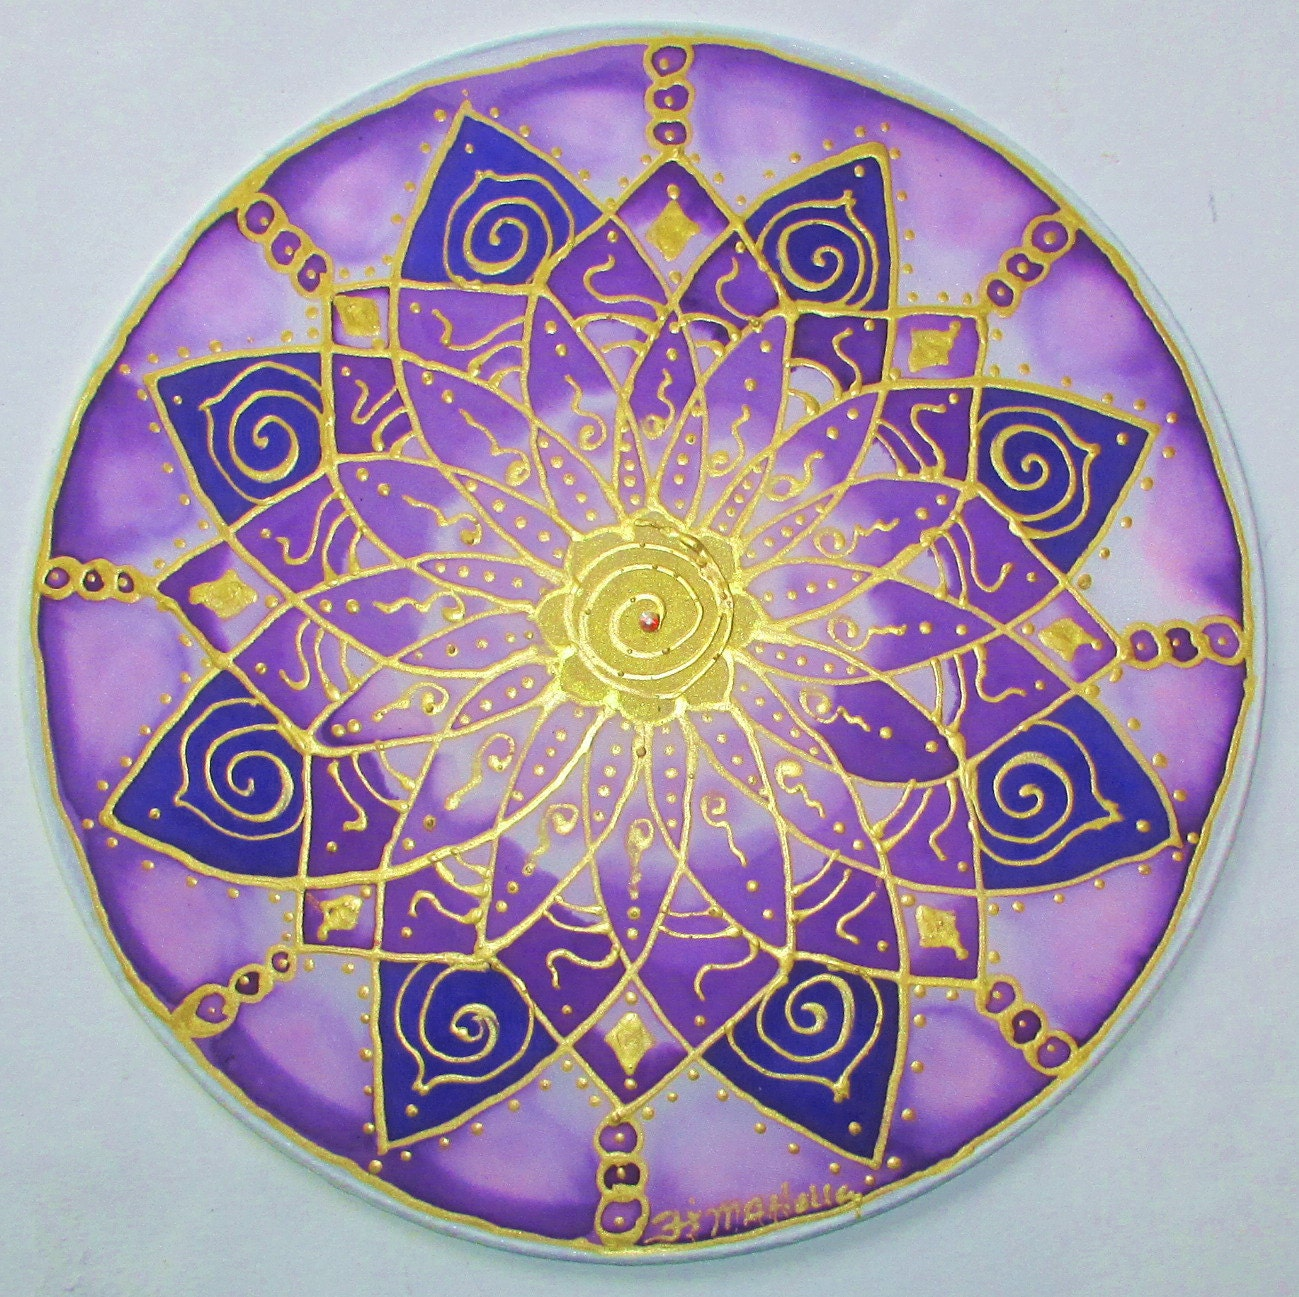 Crown chakra mandala mandala art chakra art by ...